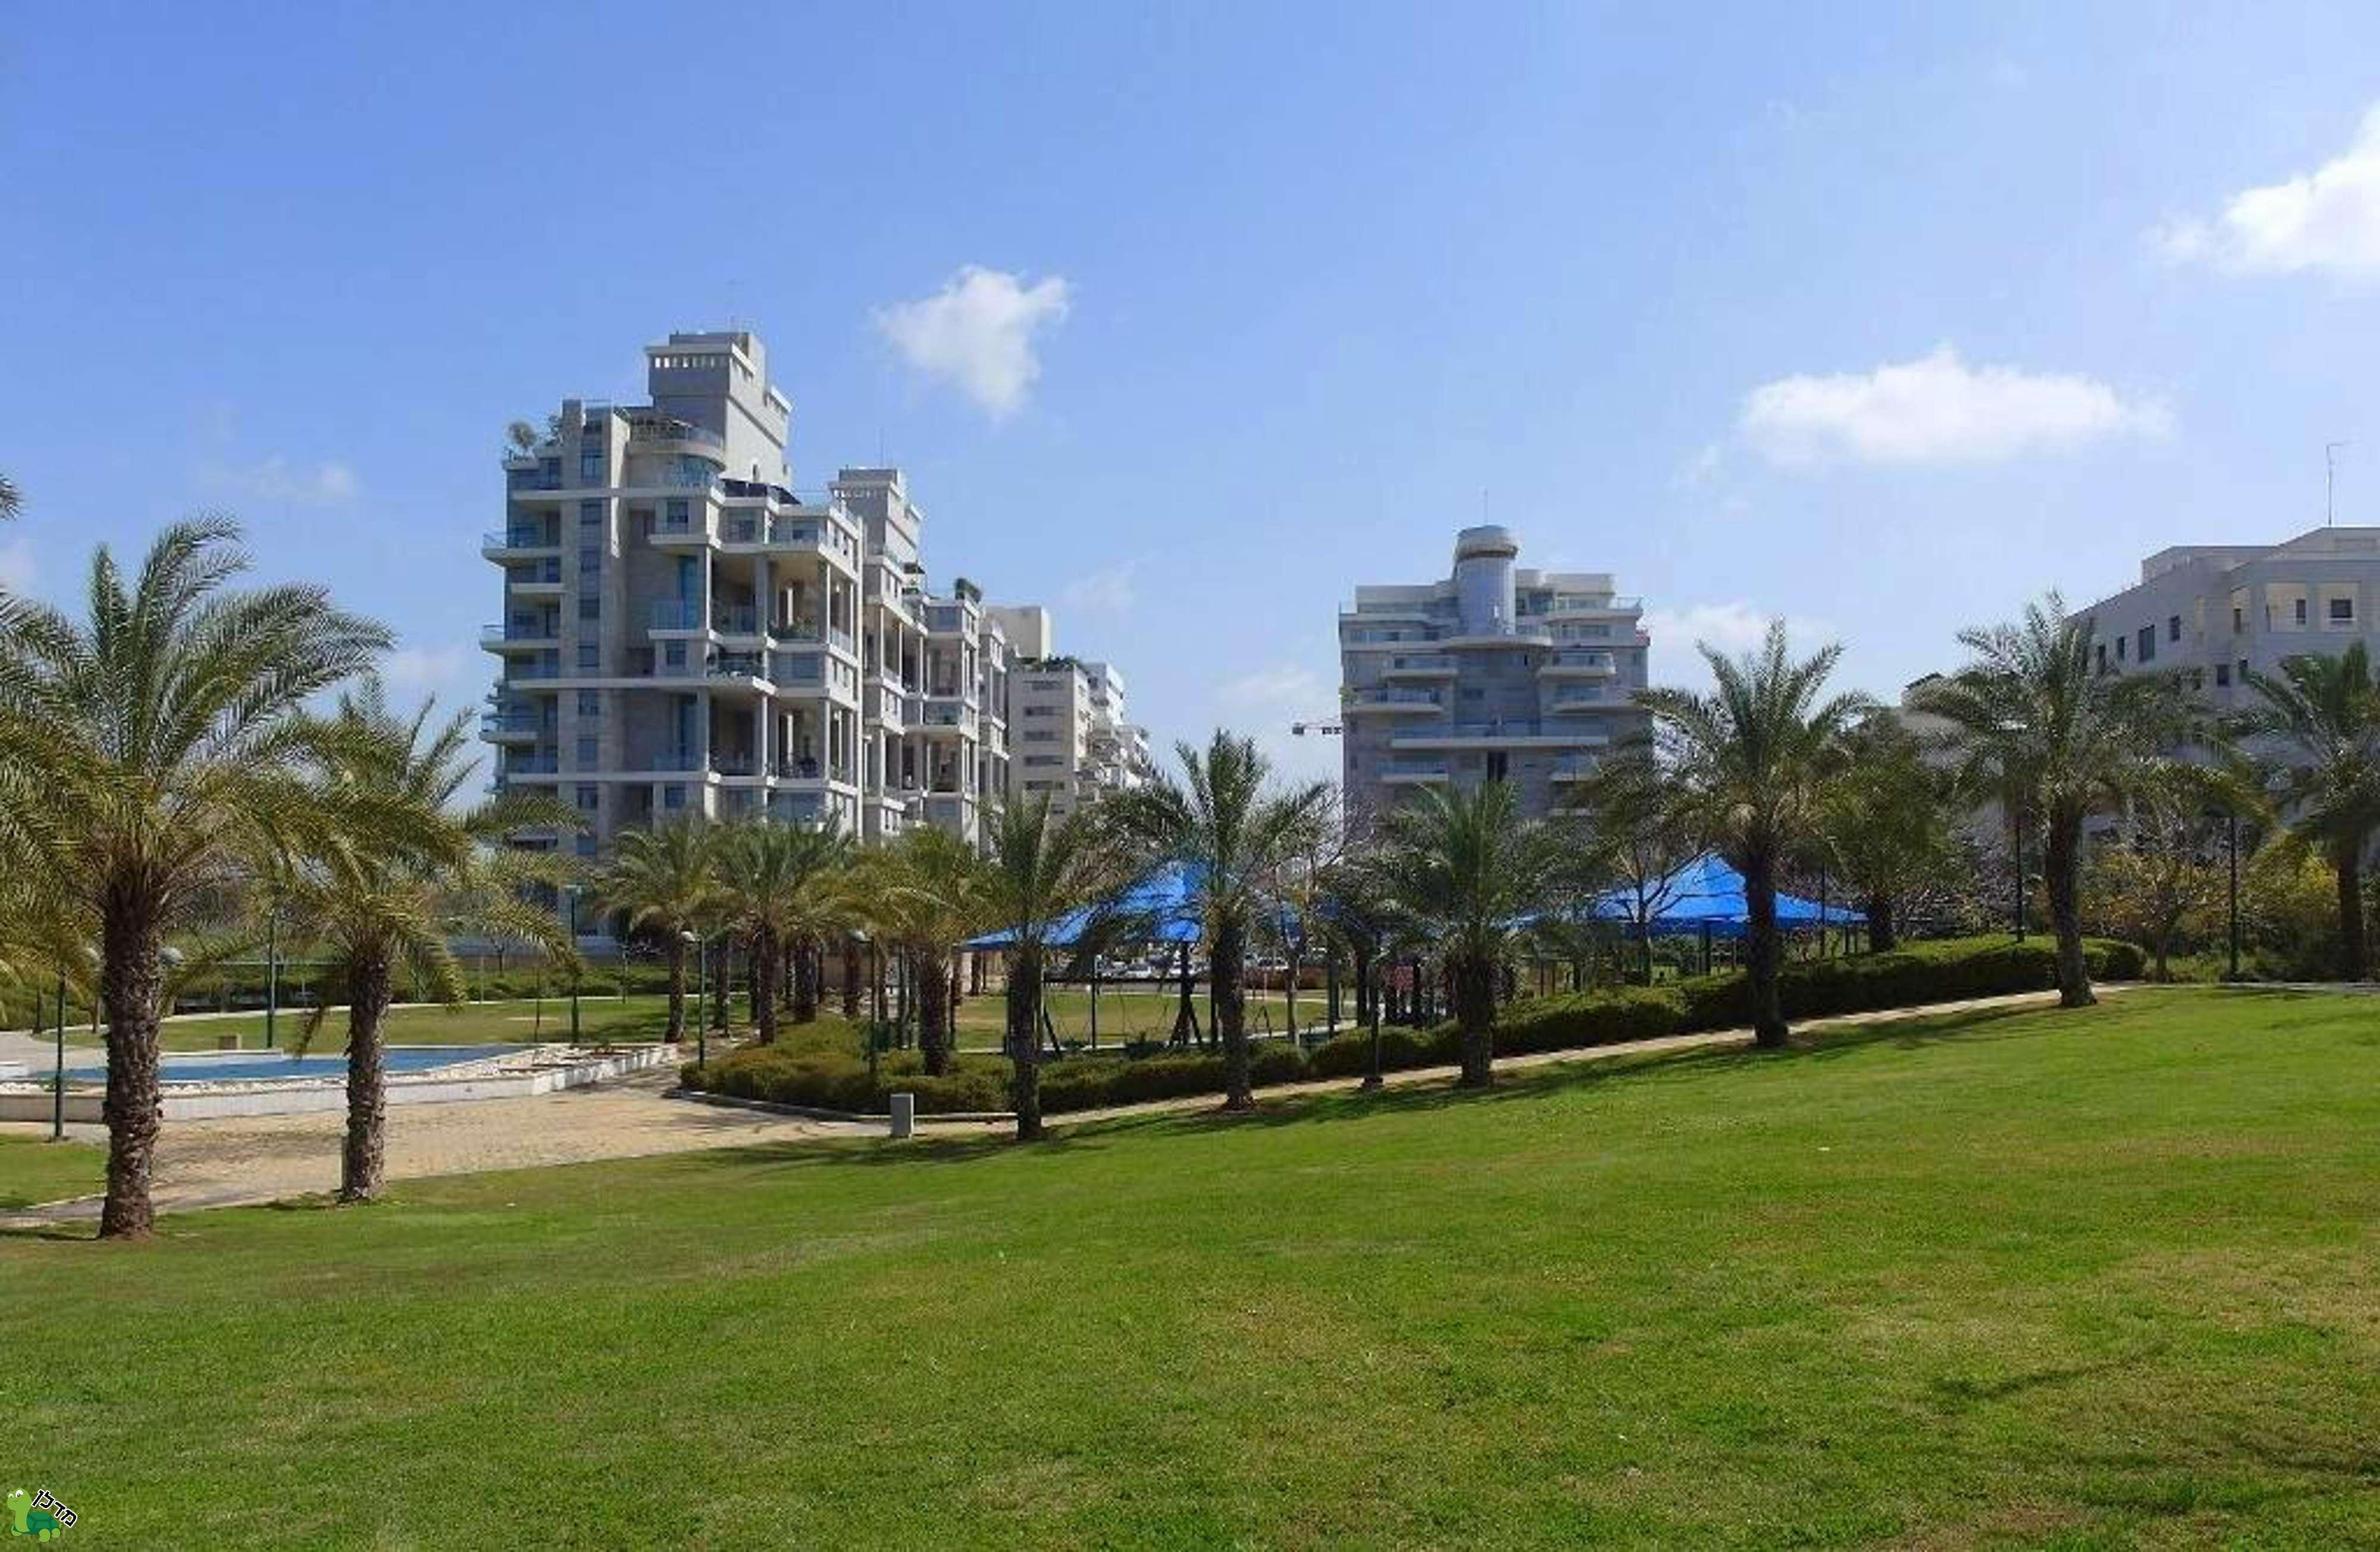 בנפט דירות למכירה בנווה גן, רמת השרון - 82 דירות באזור ZQ-89